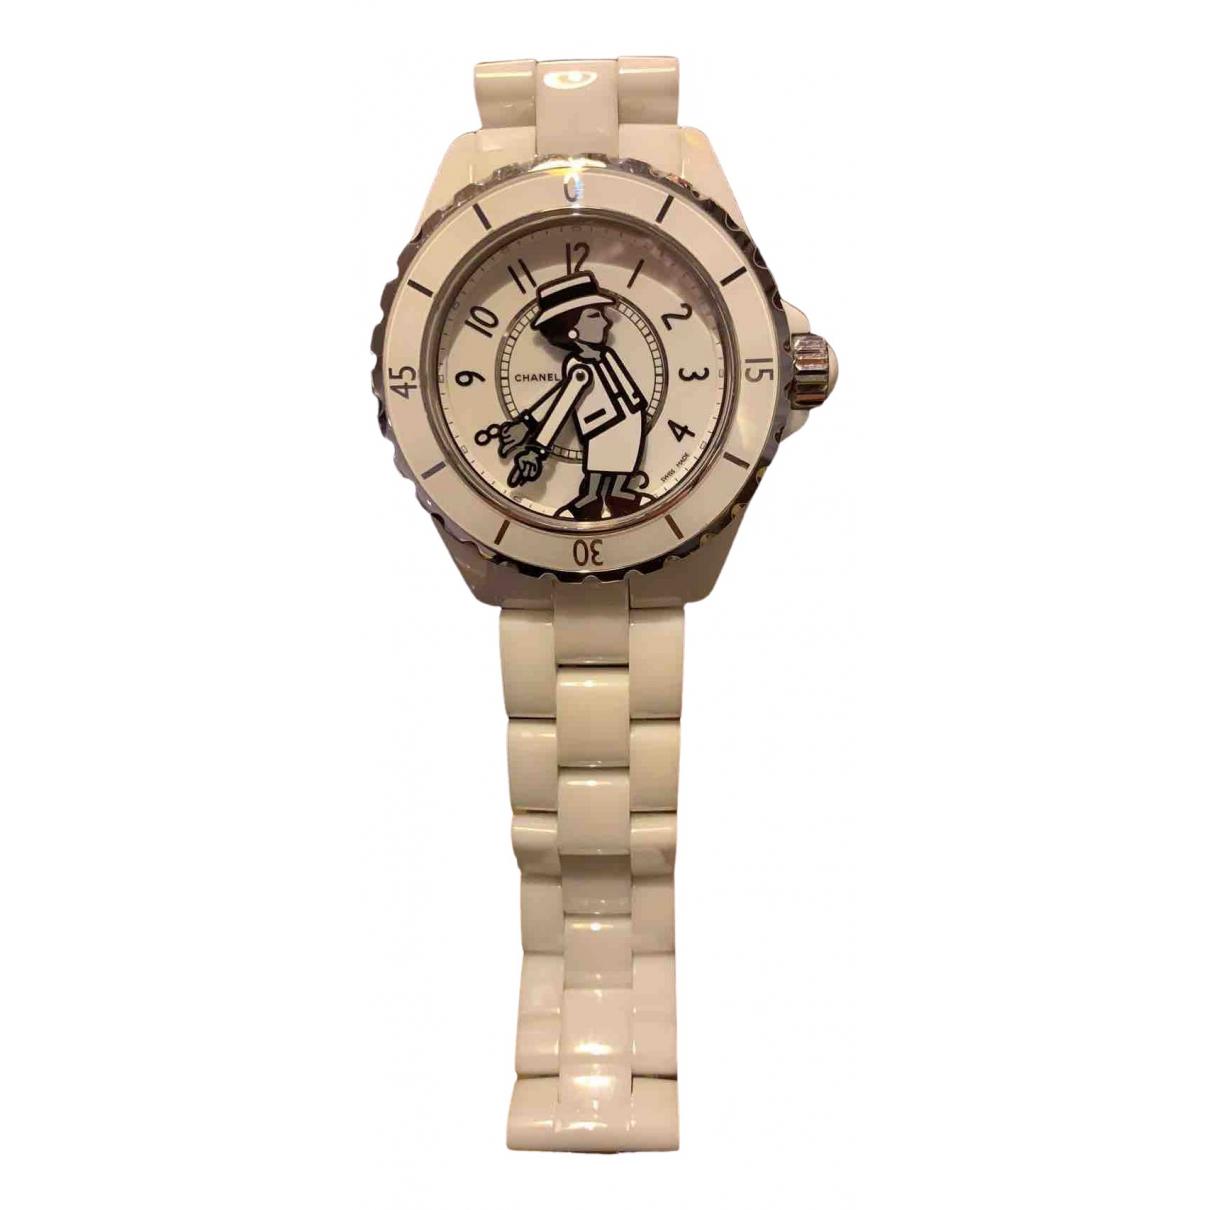 Reloj J12 Automatique de Ceramica Chanel